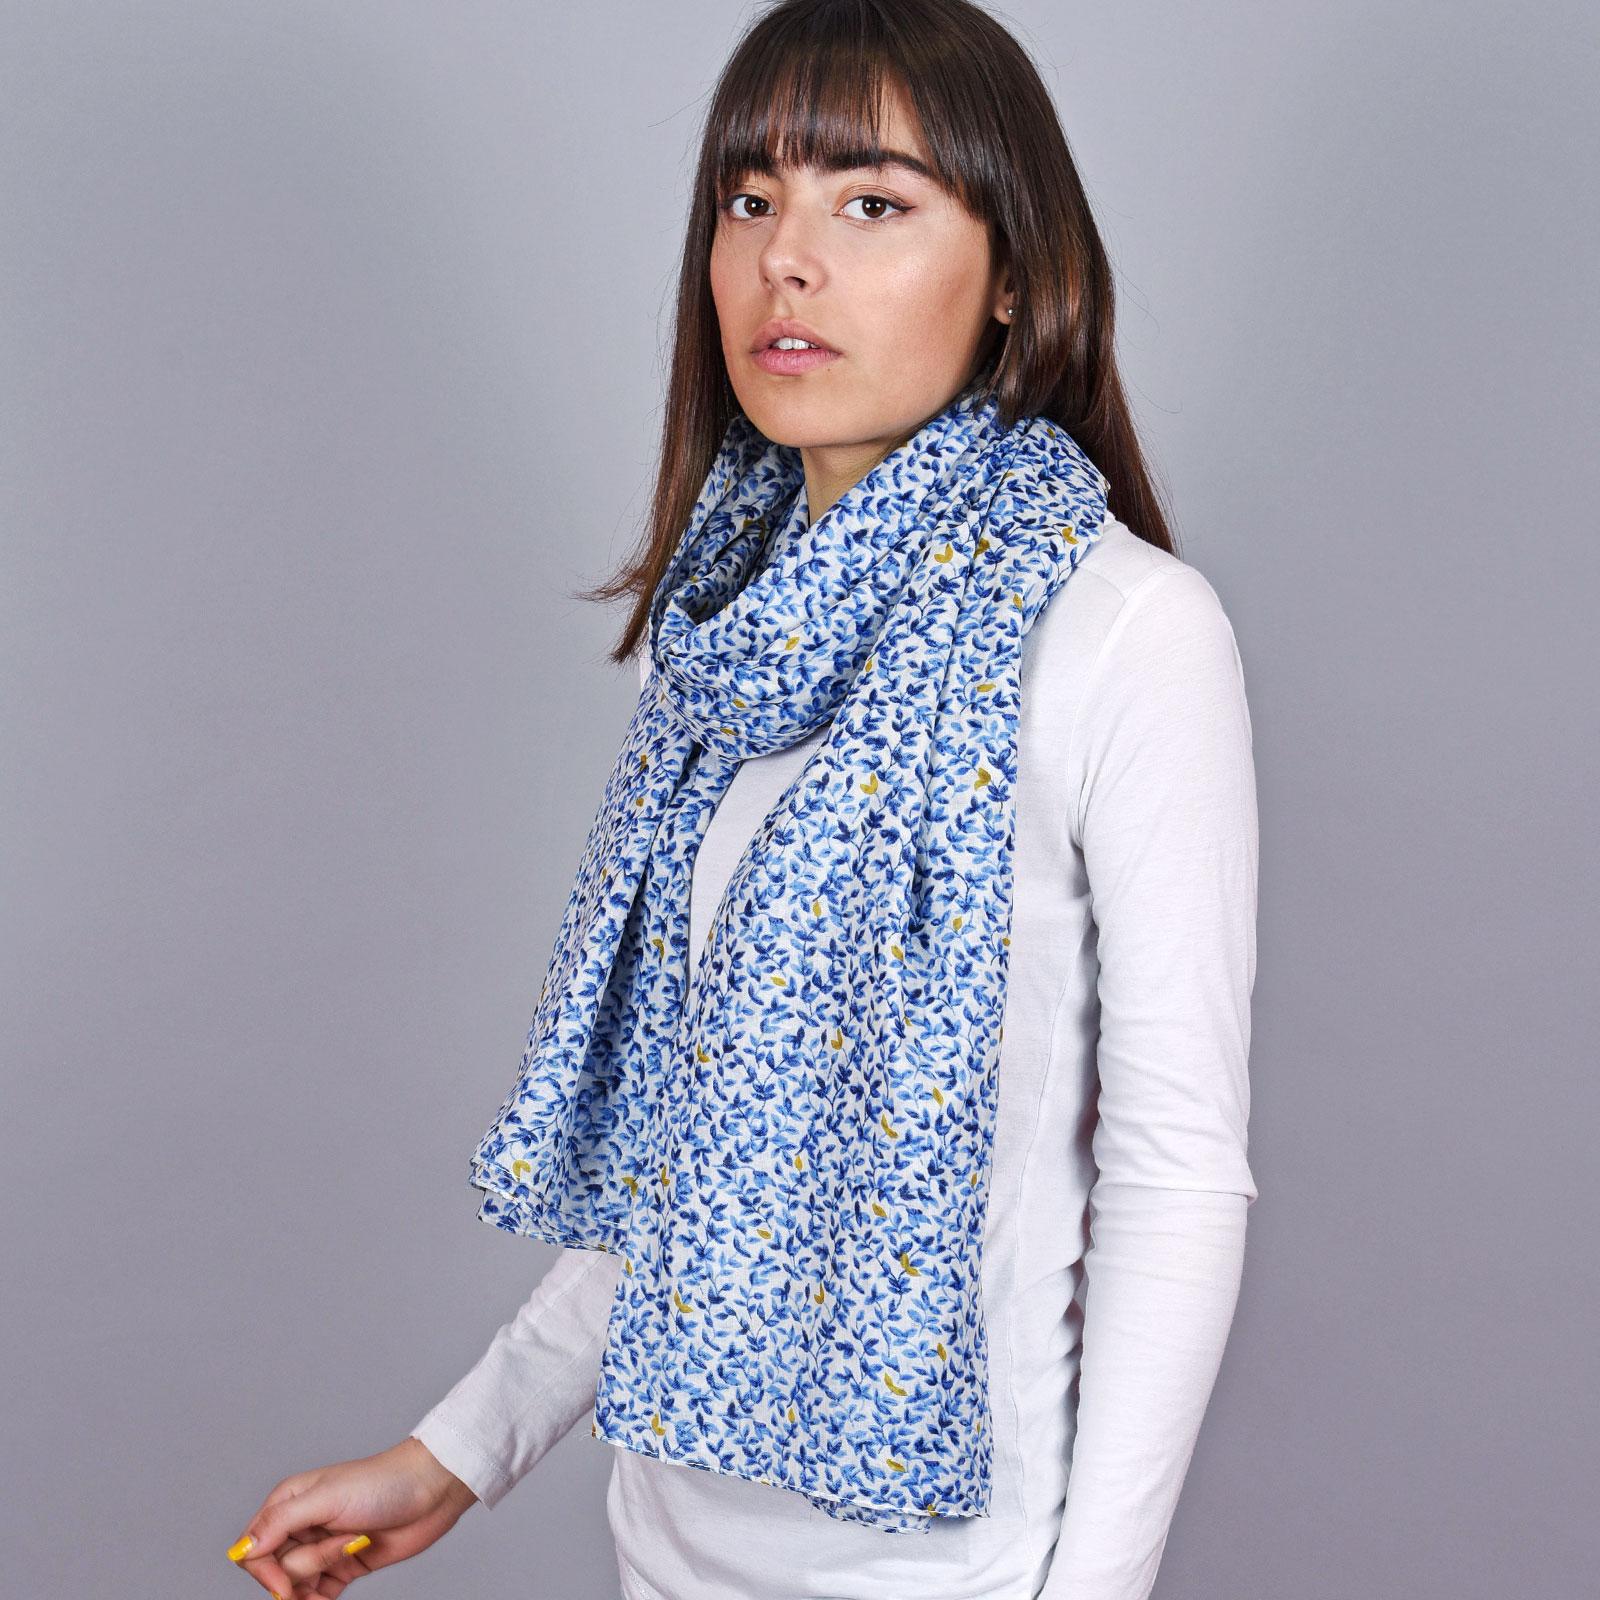 AT-04672-VF16-1-cheche-femme-bleu-fines-feuilles